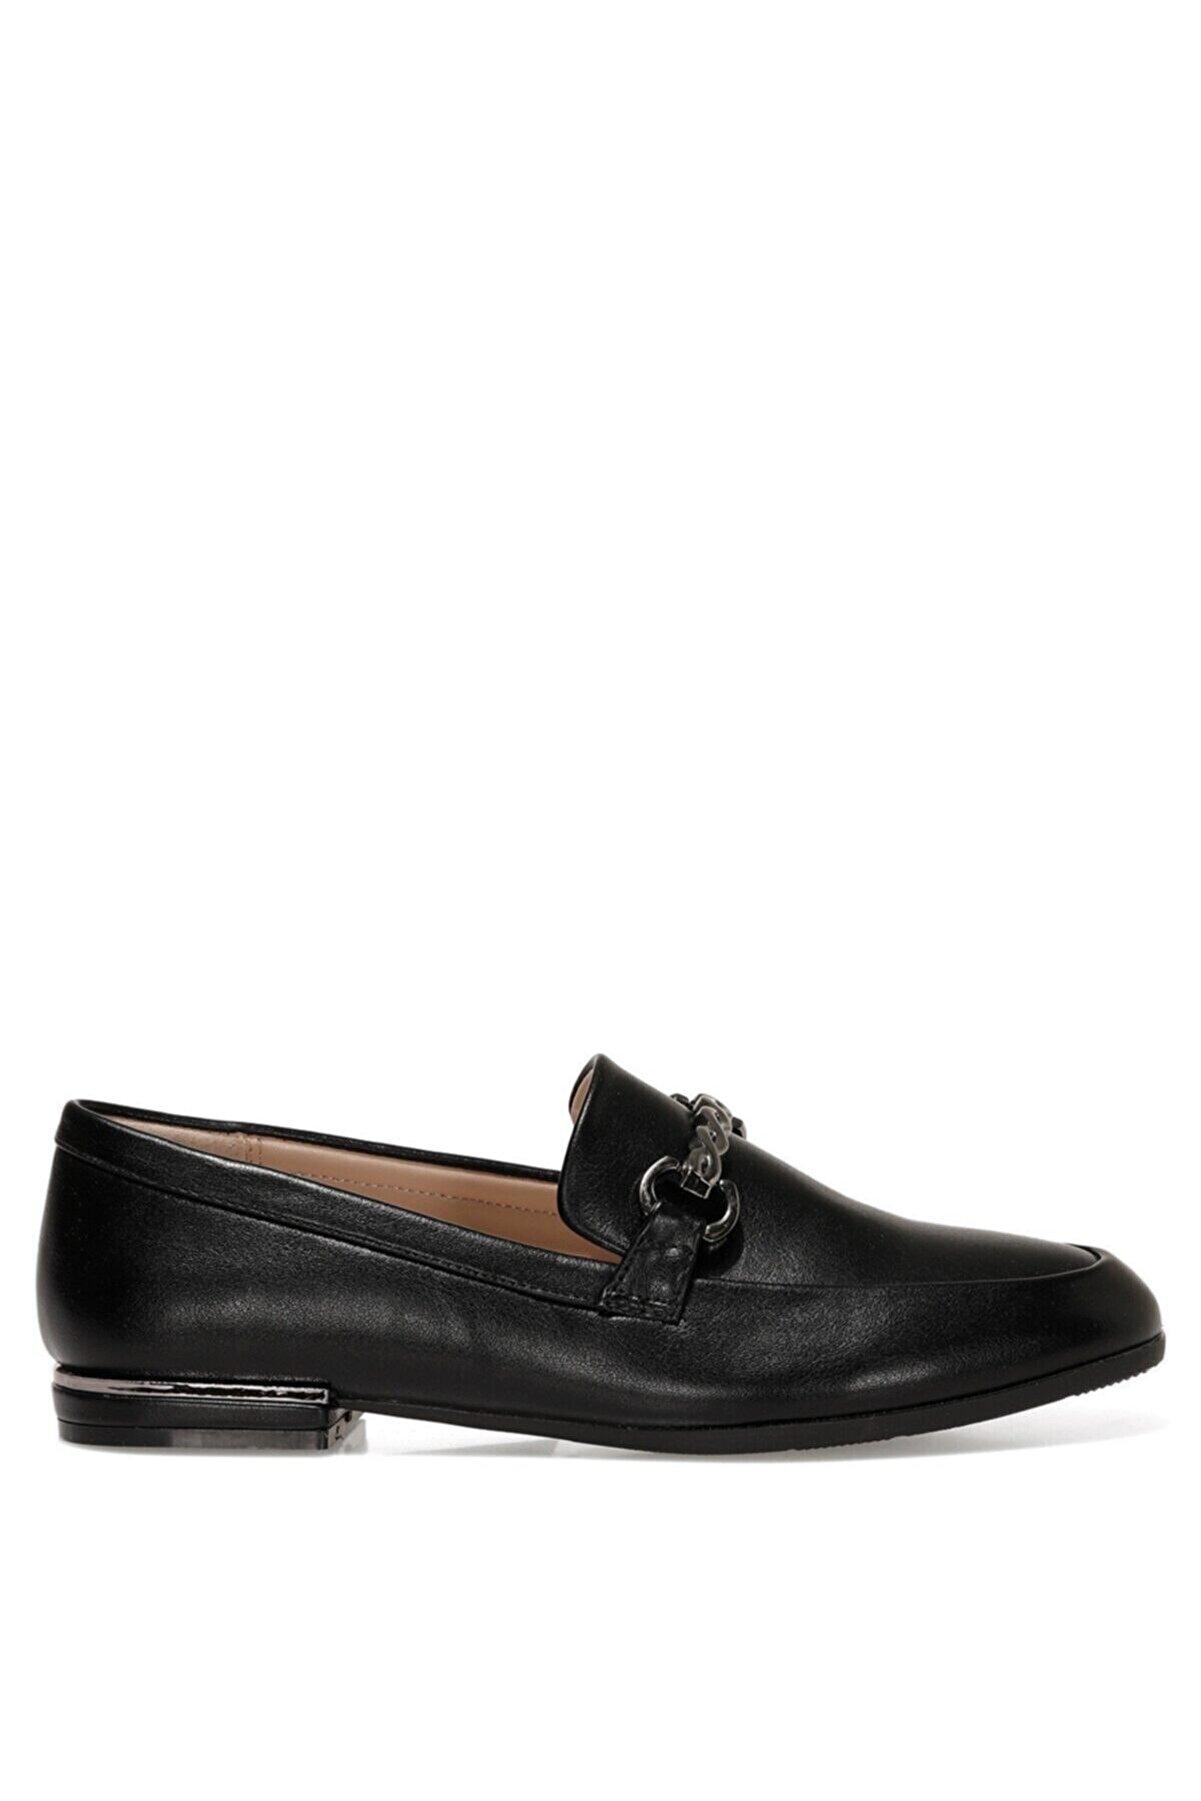 Nine West ROMAH 1FX Siyah Kadın Loafer Ayakkabı 101008899